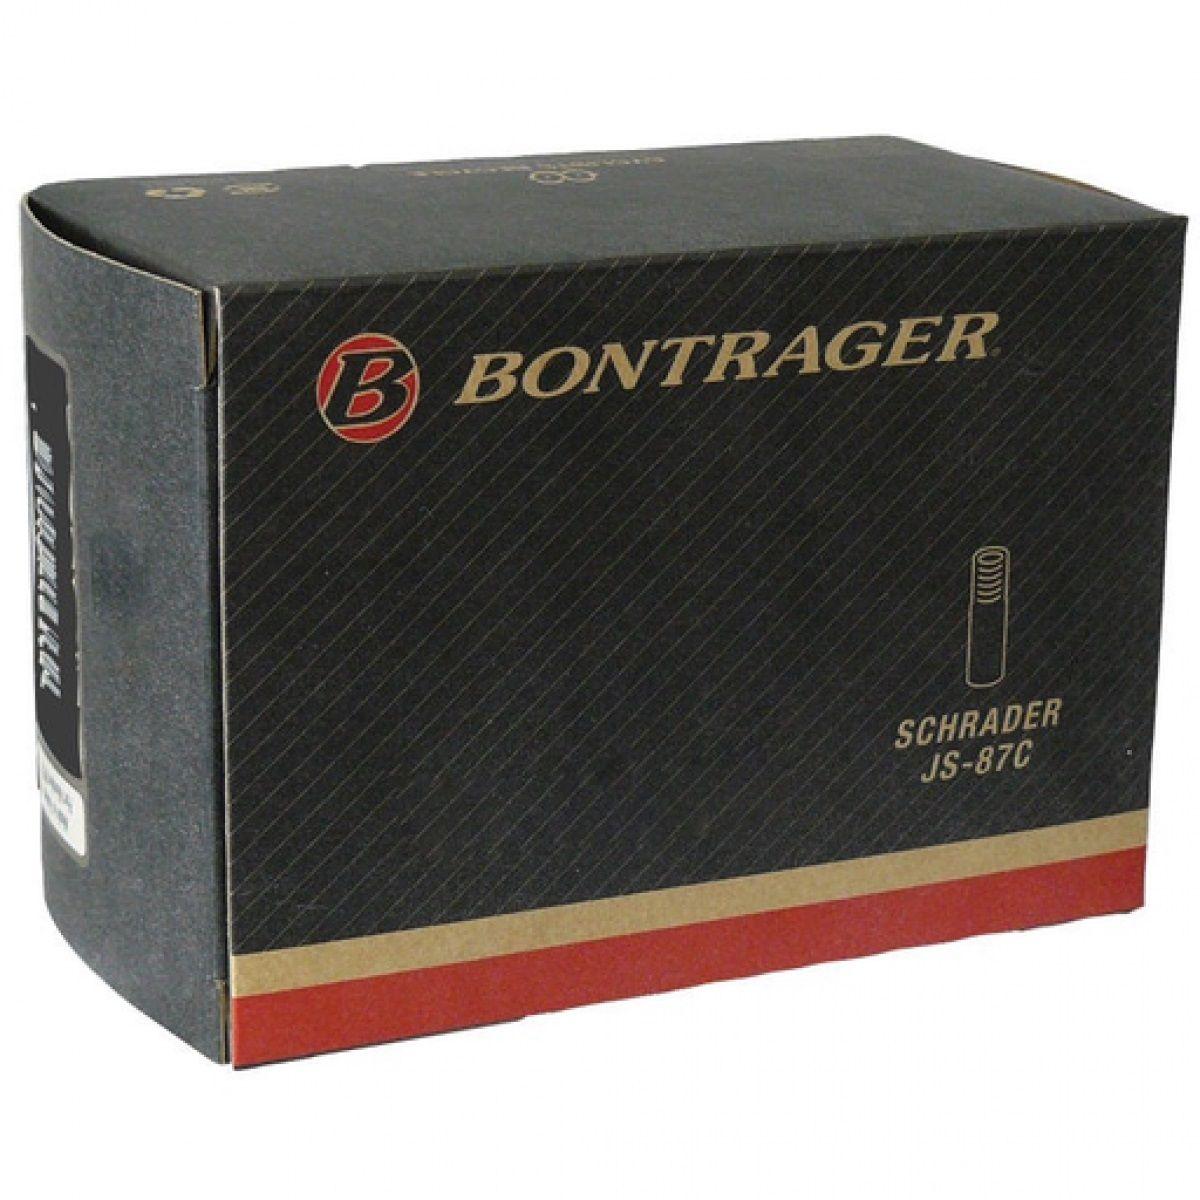 Запчасть Bontrager от Велосайт